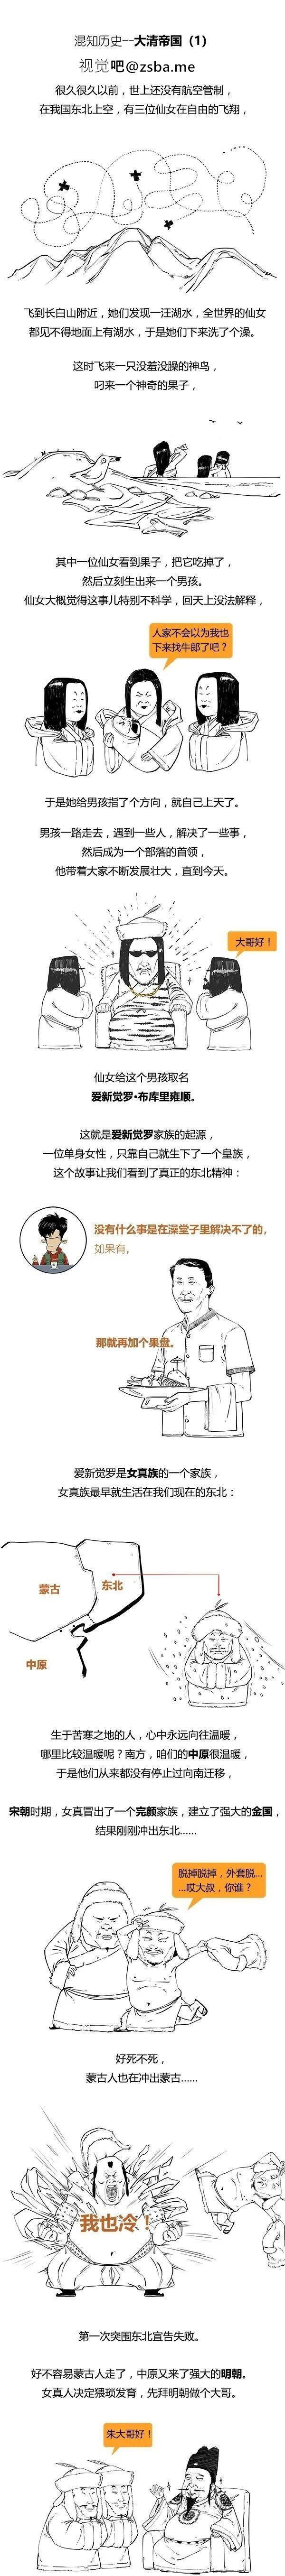 大清帝国极简史,简到崩溃,笑到流泪!插图3